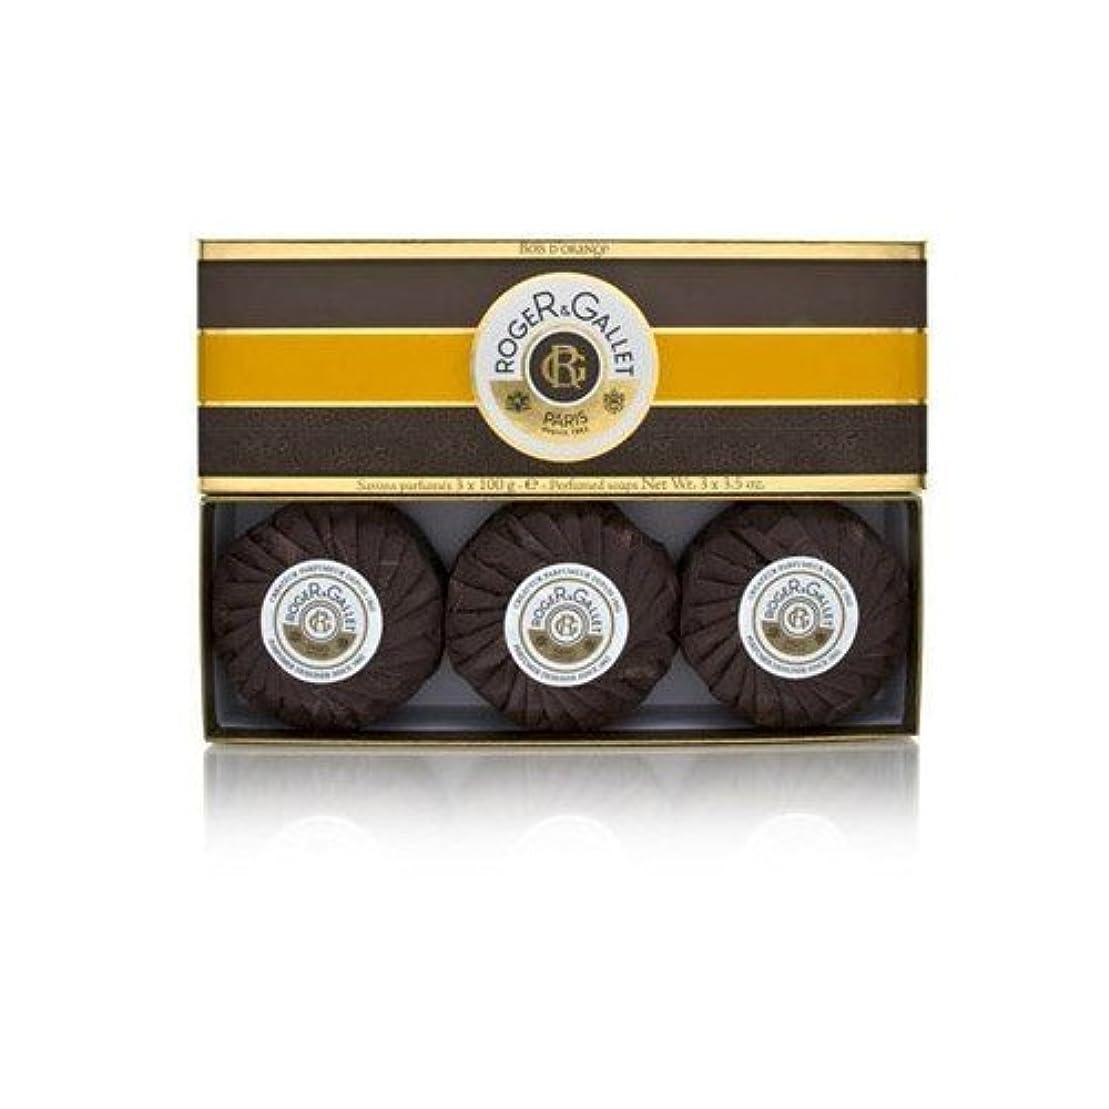 ショートカット幻想的受取人ロジェガレ ボワ ドランジュ (オレンジツリー) 香水石鹸3個セット ROGER&GALLET BOIS D'ORANGE PERFUMED SOAP [0161]